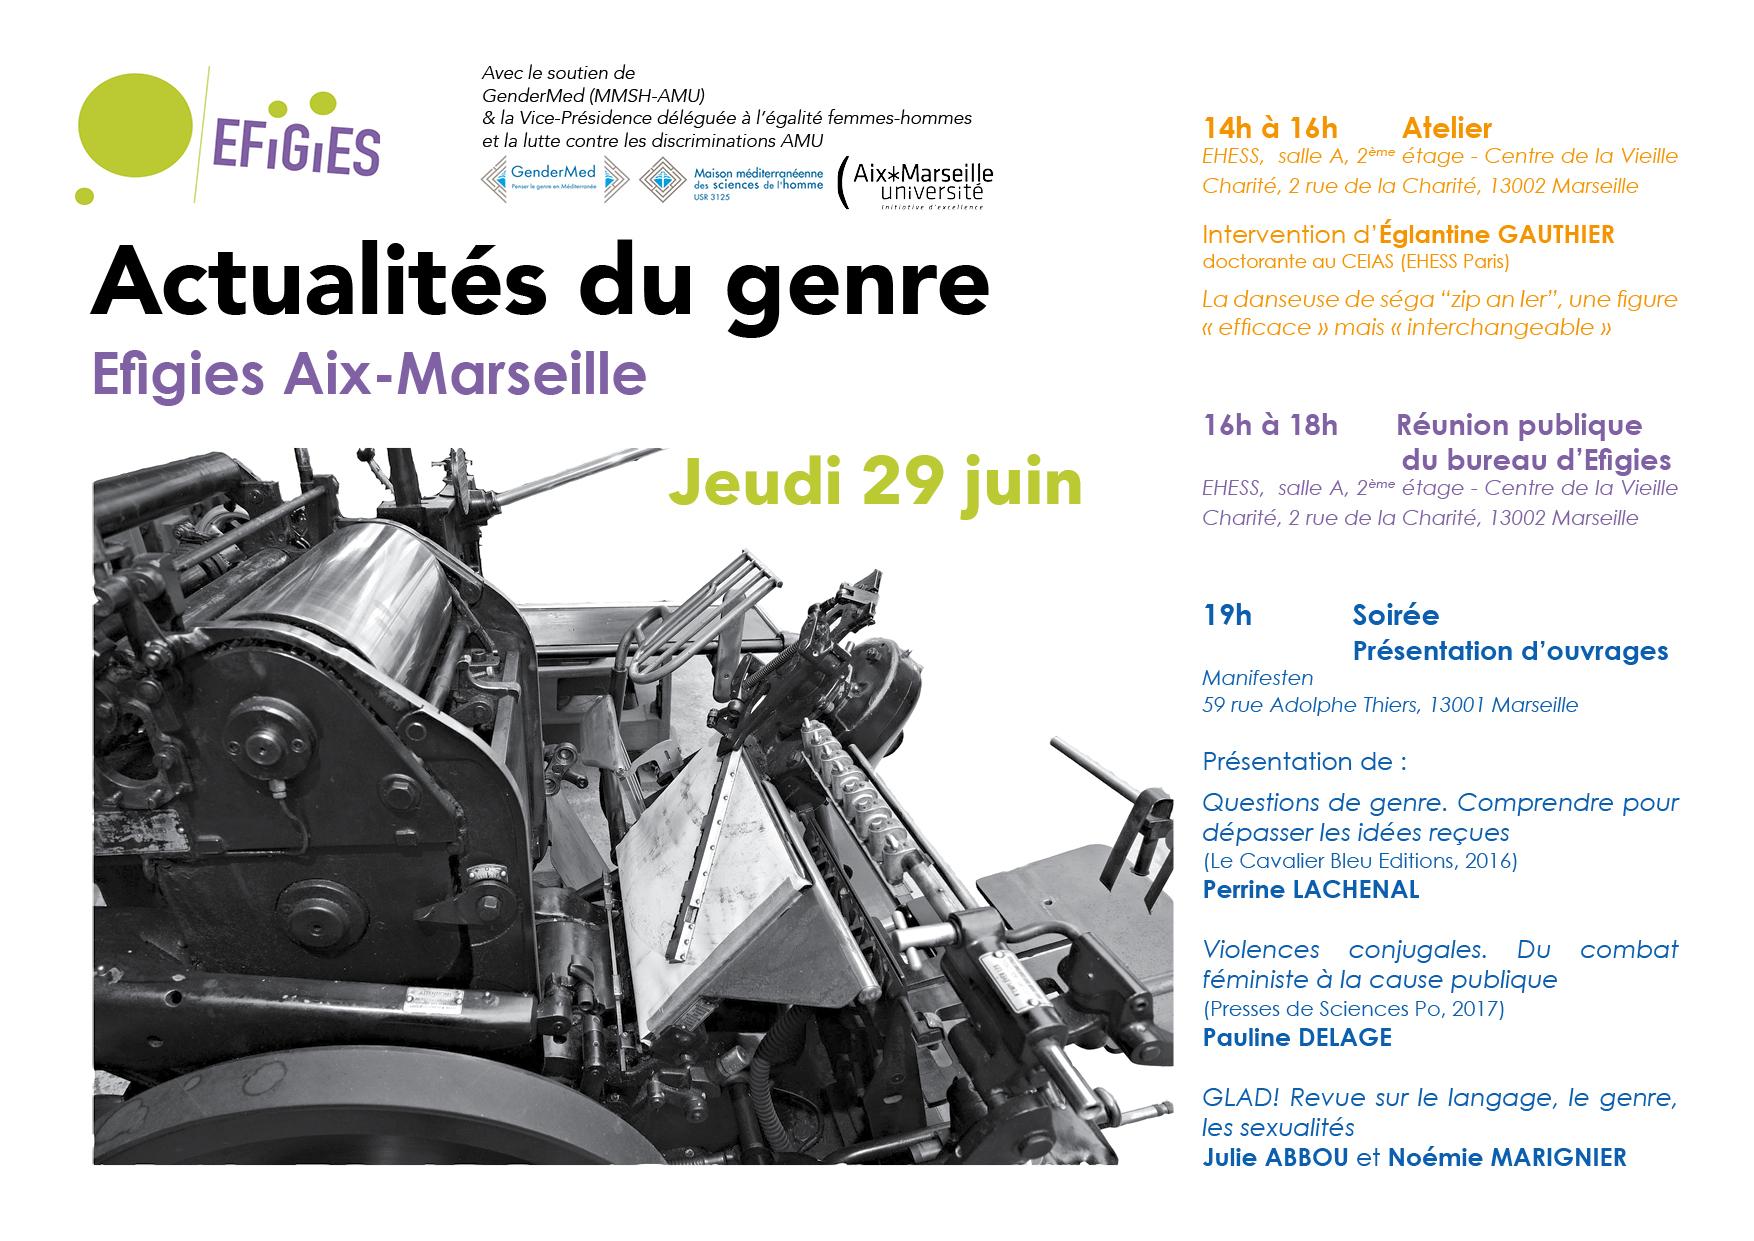 Affiche et programme de la journée Actualités du Genre organisée à Marseille par Efigies le 29 juin 2017